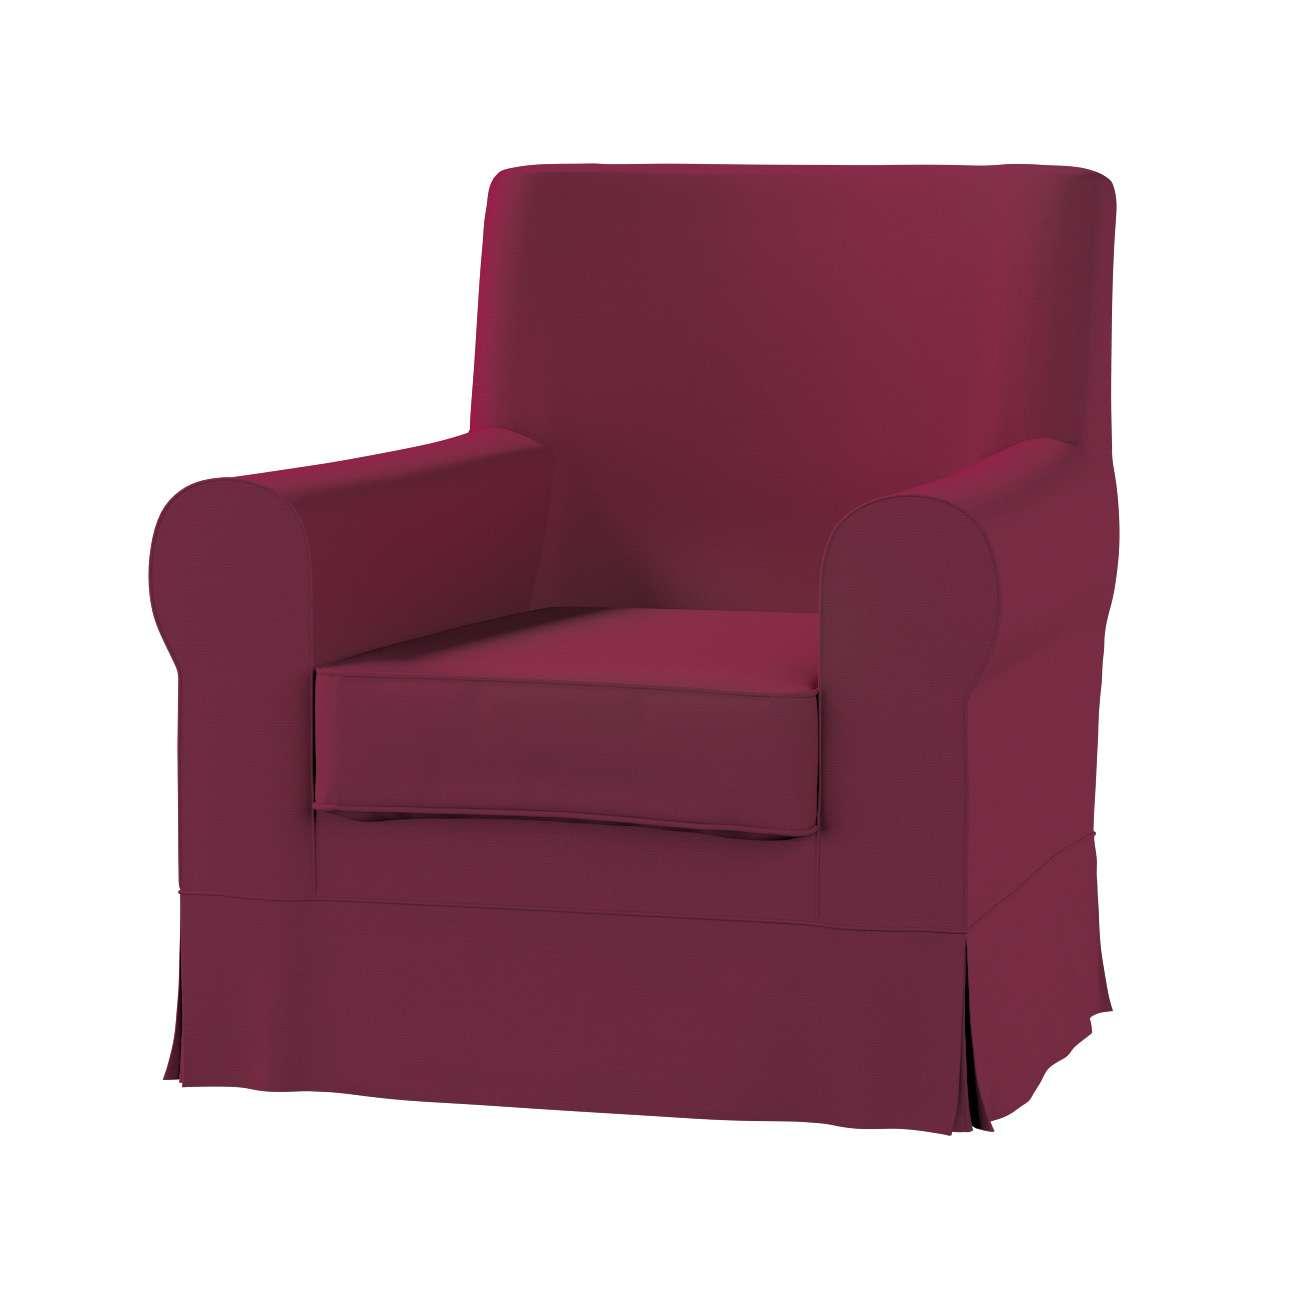 Pokrowiec na fotel Ektorp Jennylund Fotel Ektorp Jennylund w kolekcji Cotton Panama, tkanina: 702-32